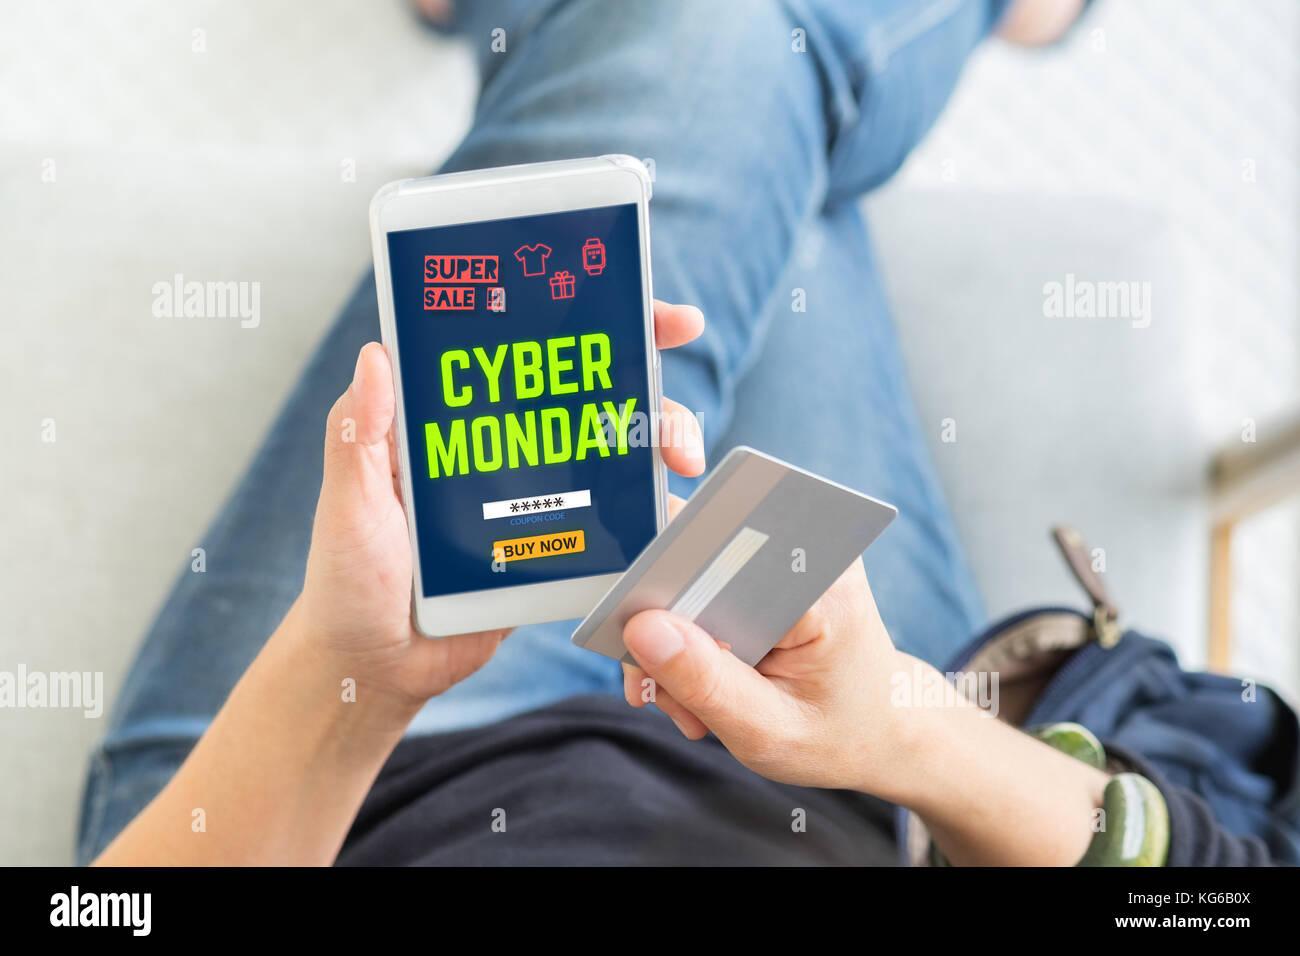 Cyber Monday Venta Usando Tarjeta De Crédito Comprar Con El Código